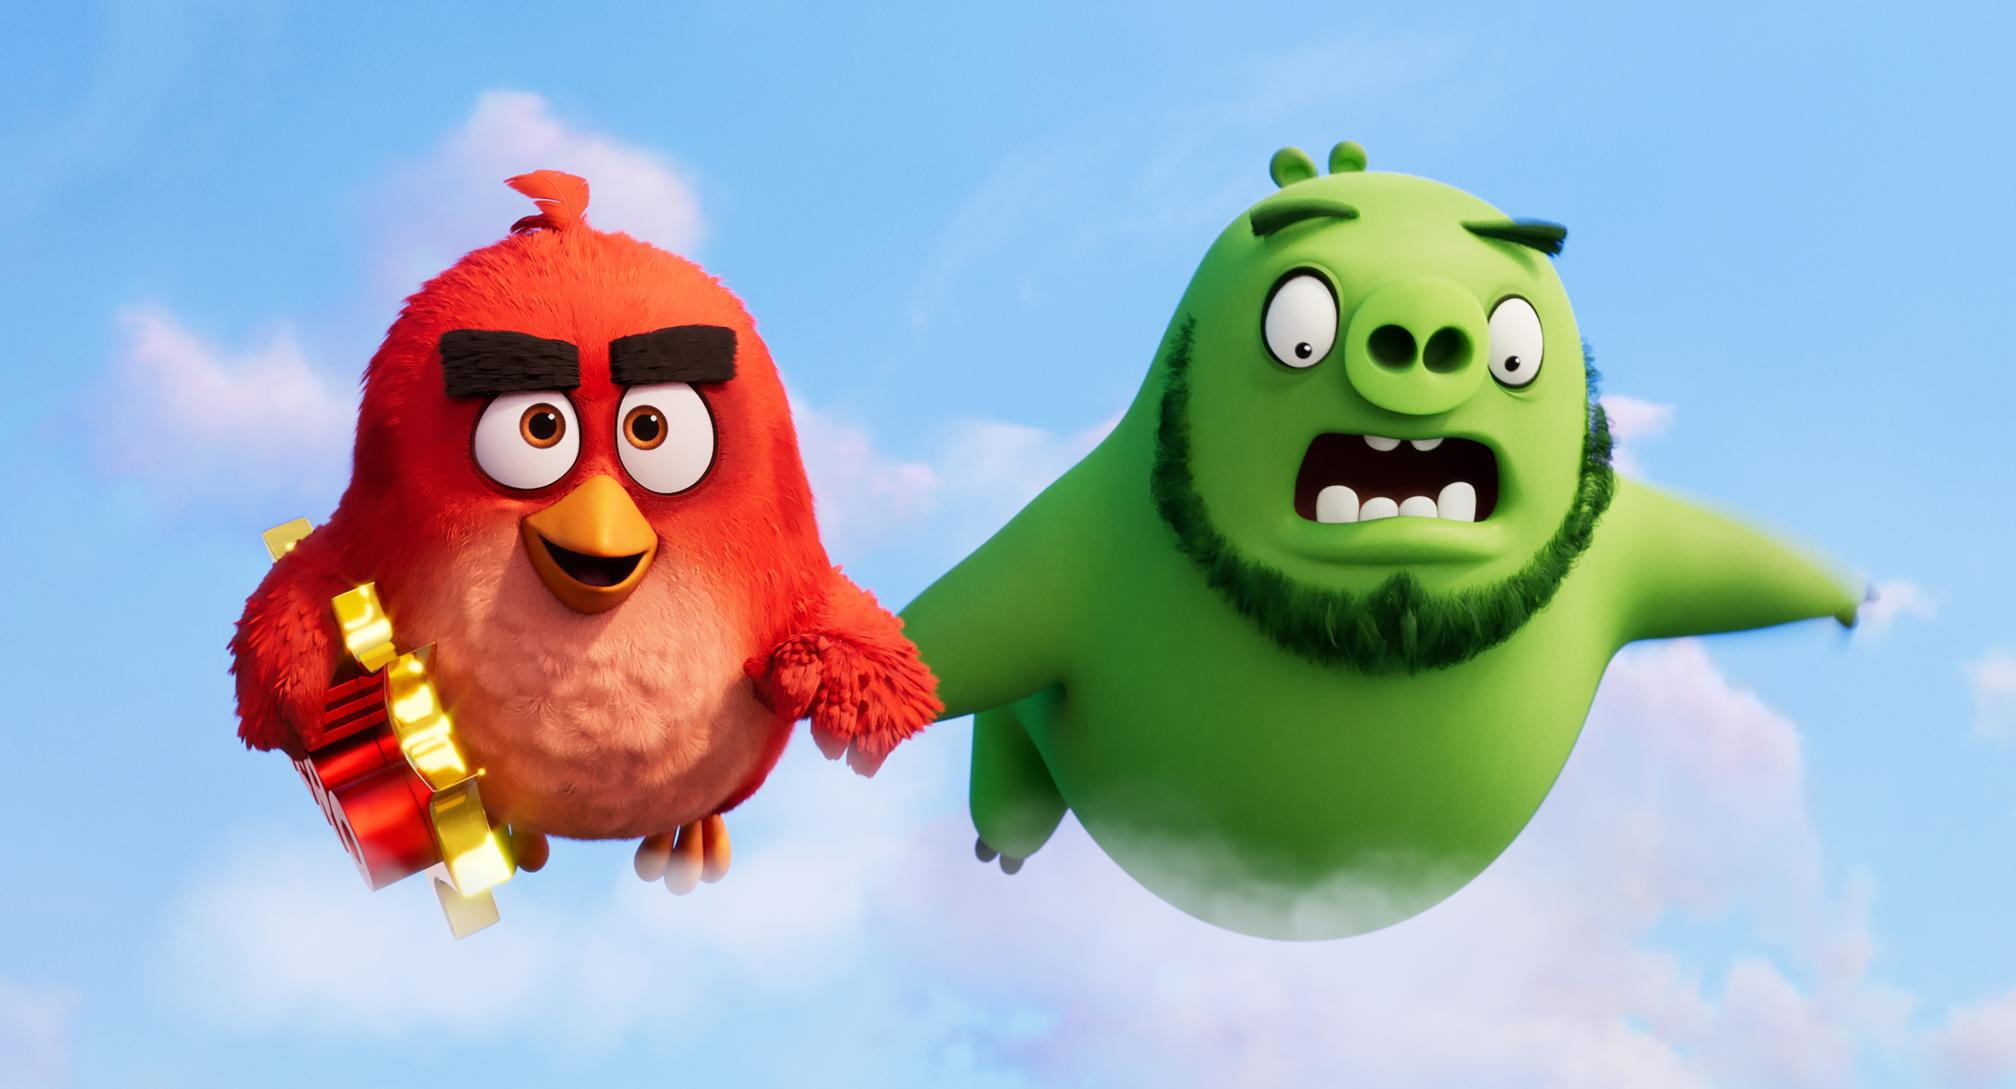 憤怒鳥玩電影2:冰的啦劇照 2